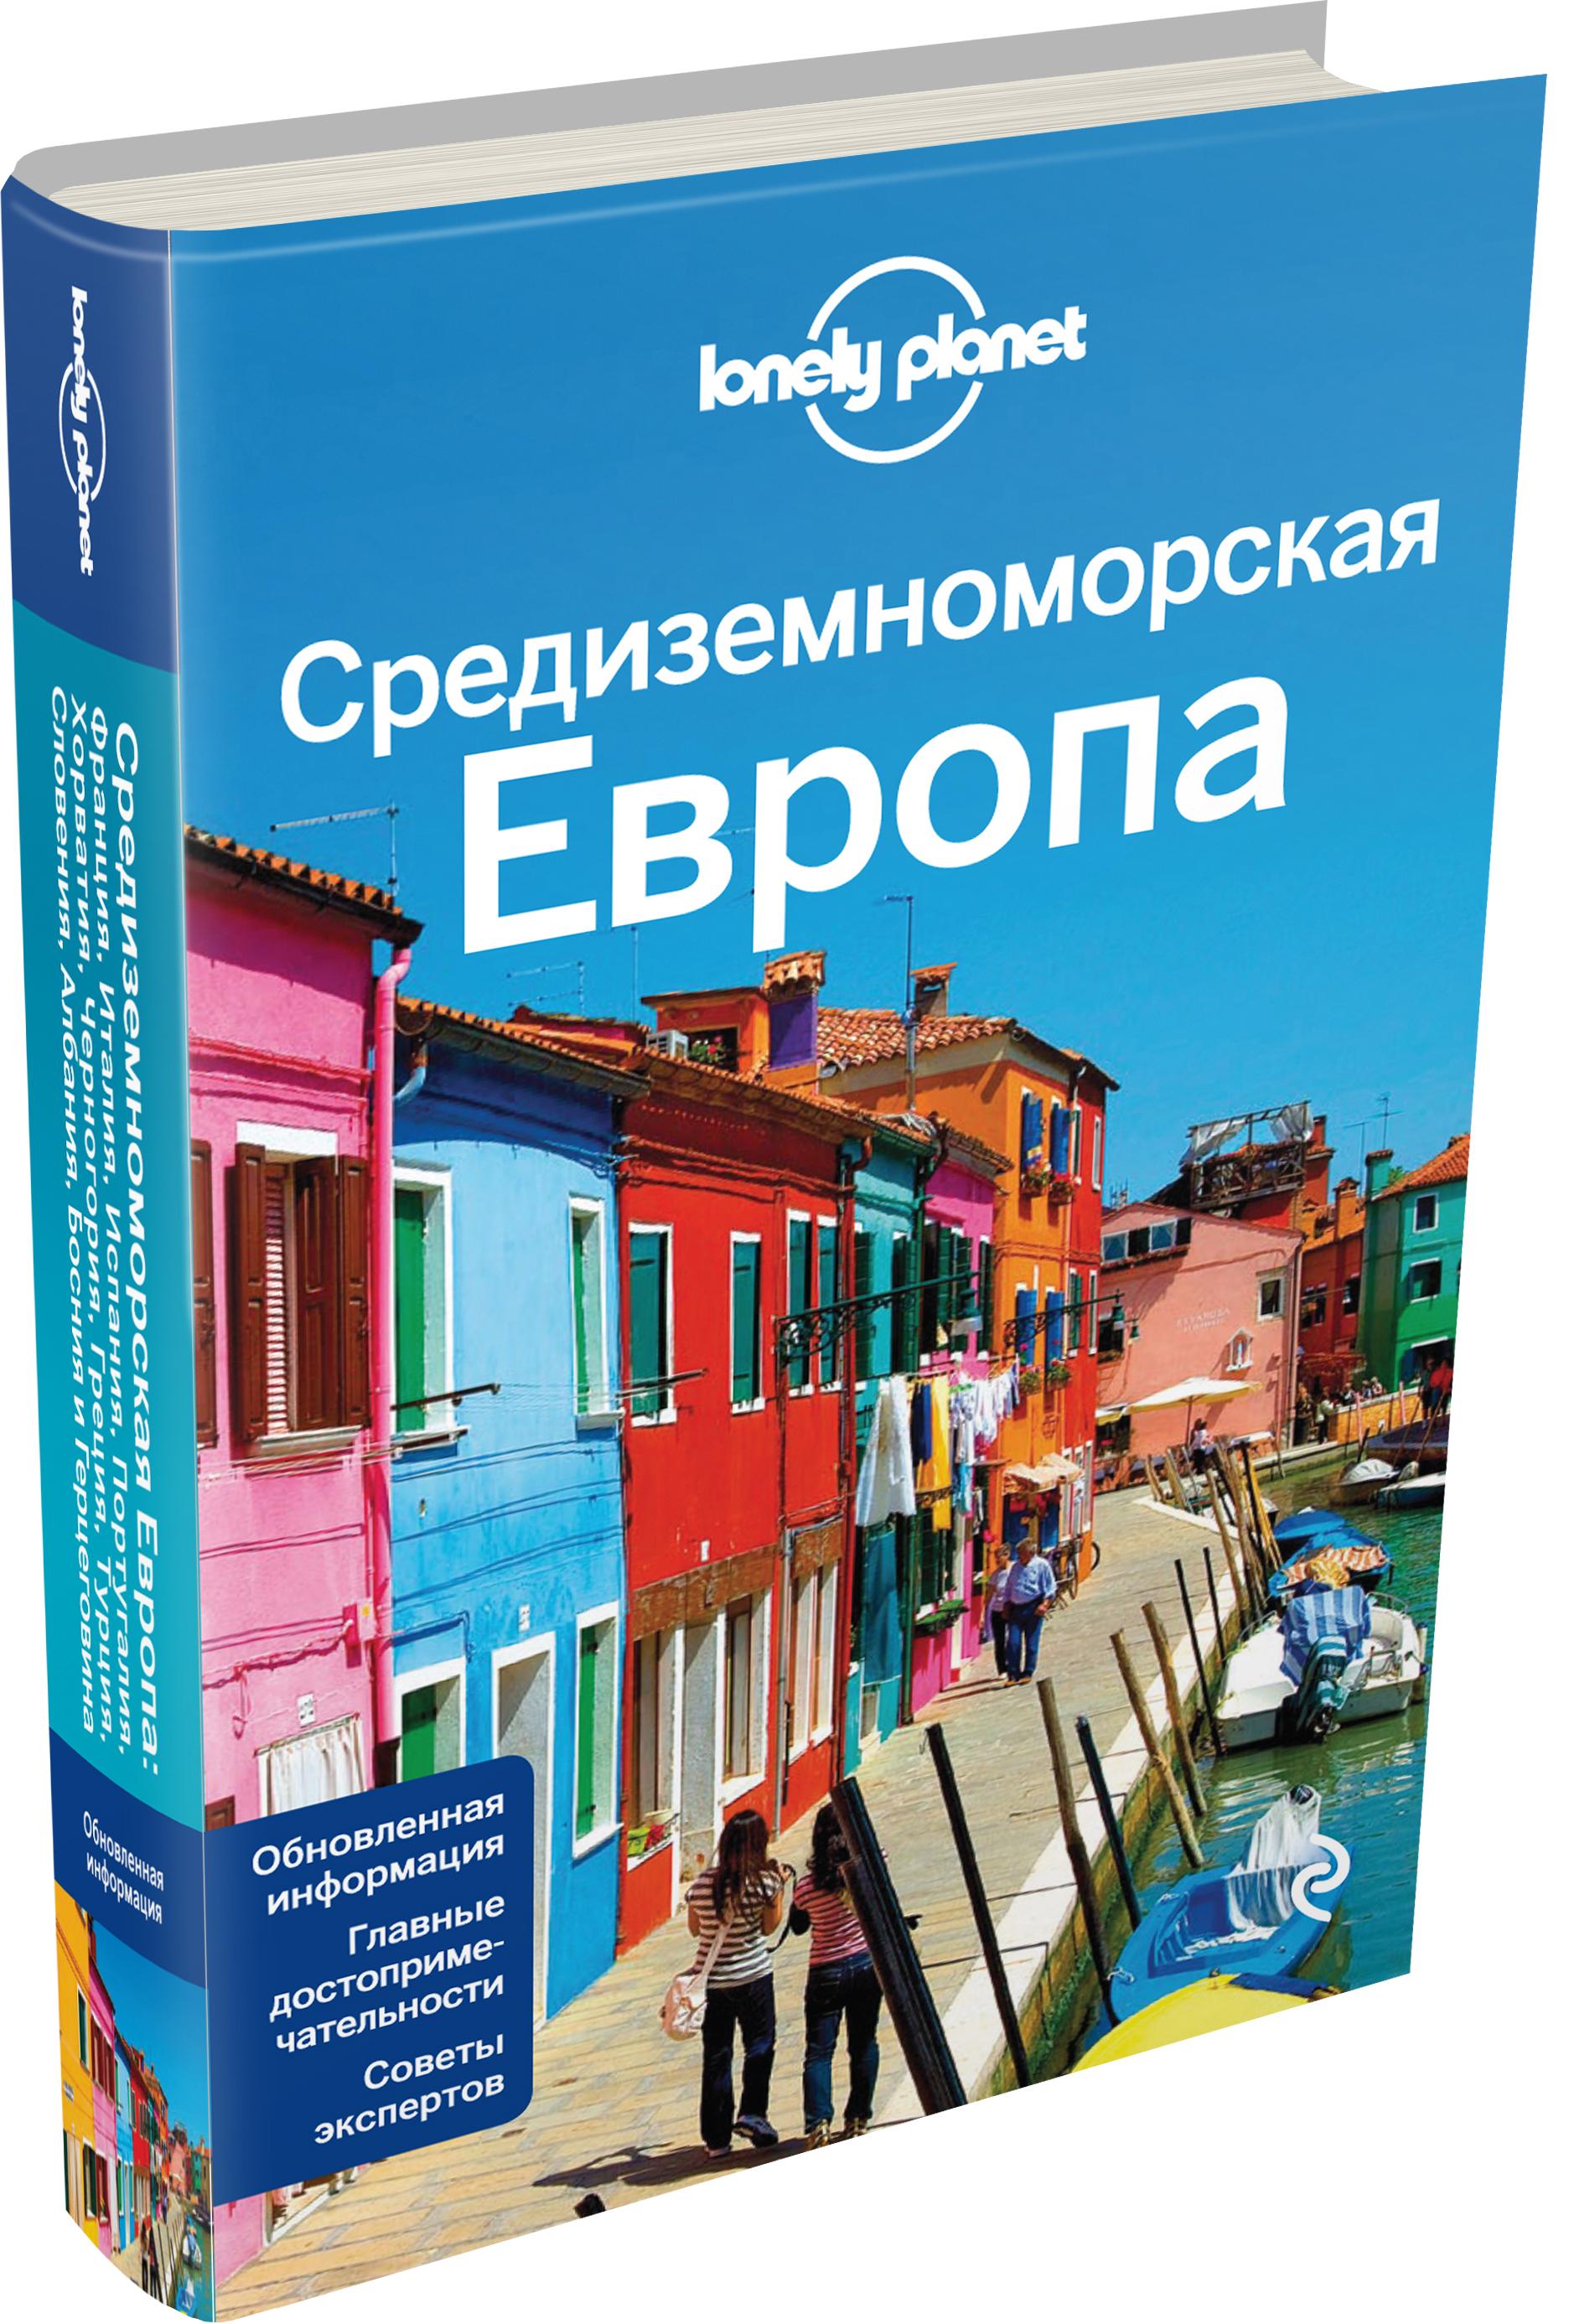 Купить со скидкой Средиземноморская Европа: Испания, Италия, Франция, Португалия, Хорватия, Черногория, Греция, Турция